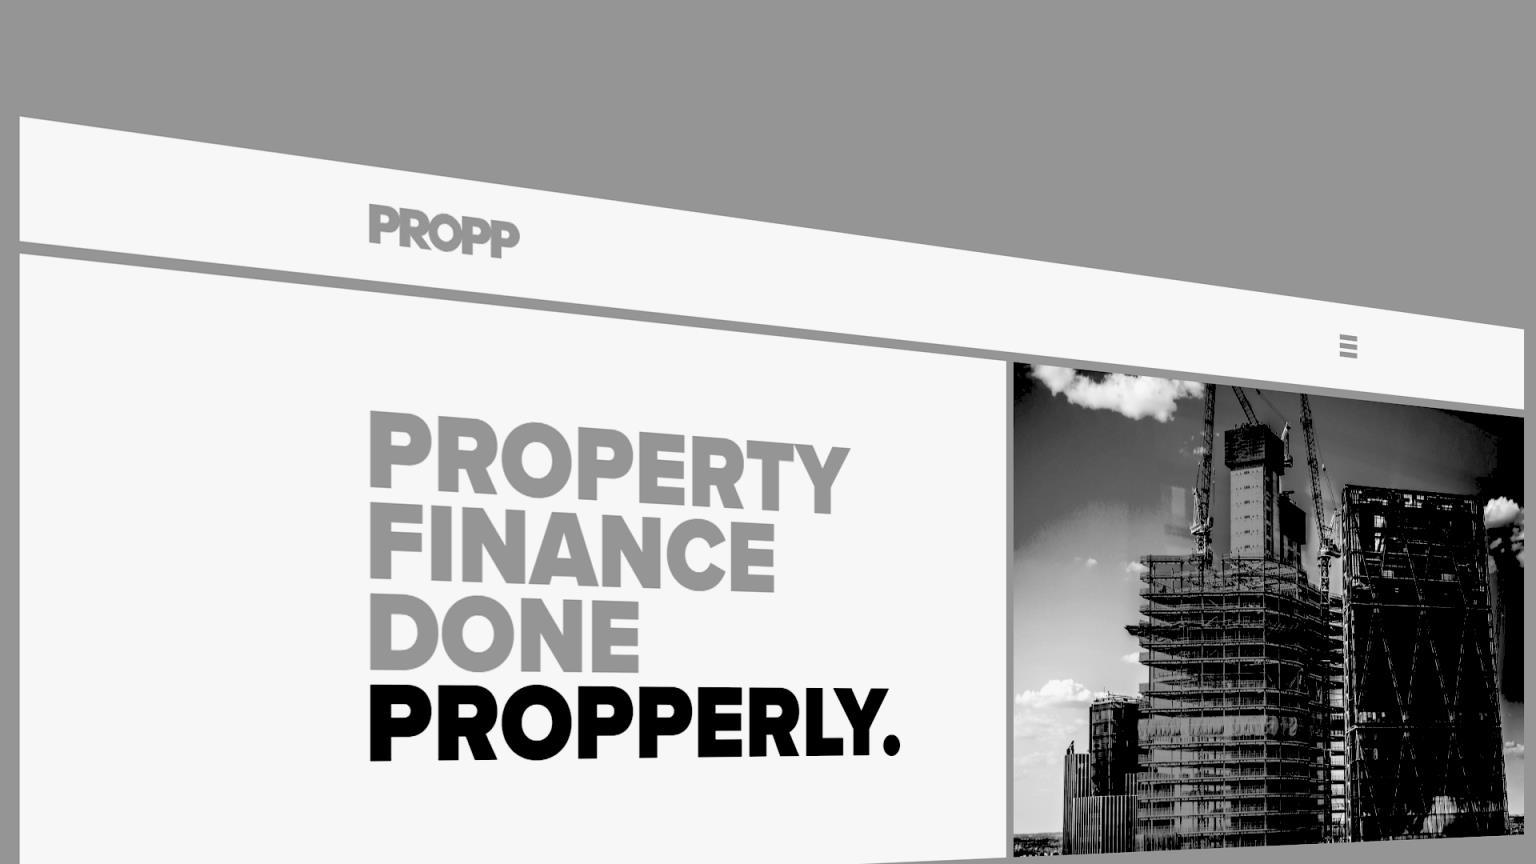 【英国房产新闻】Propp的推出将为英国专业的房地产金融市场带来无与伦比的透明度